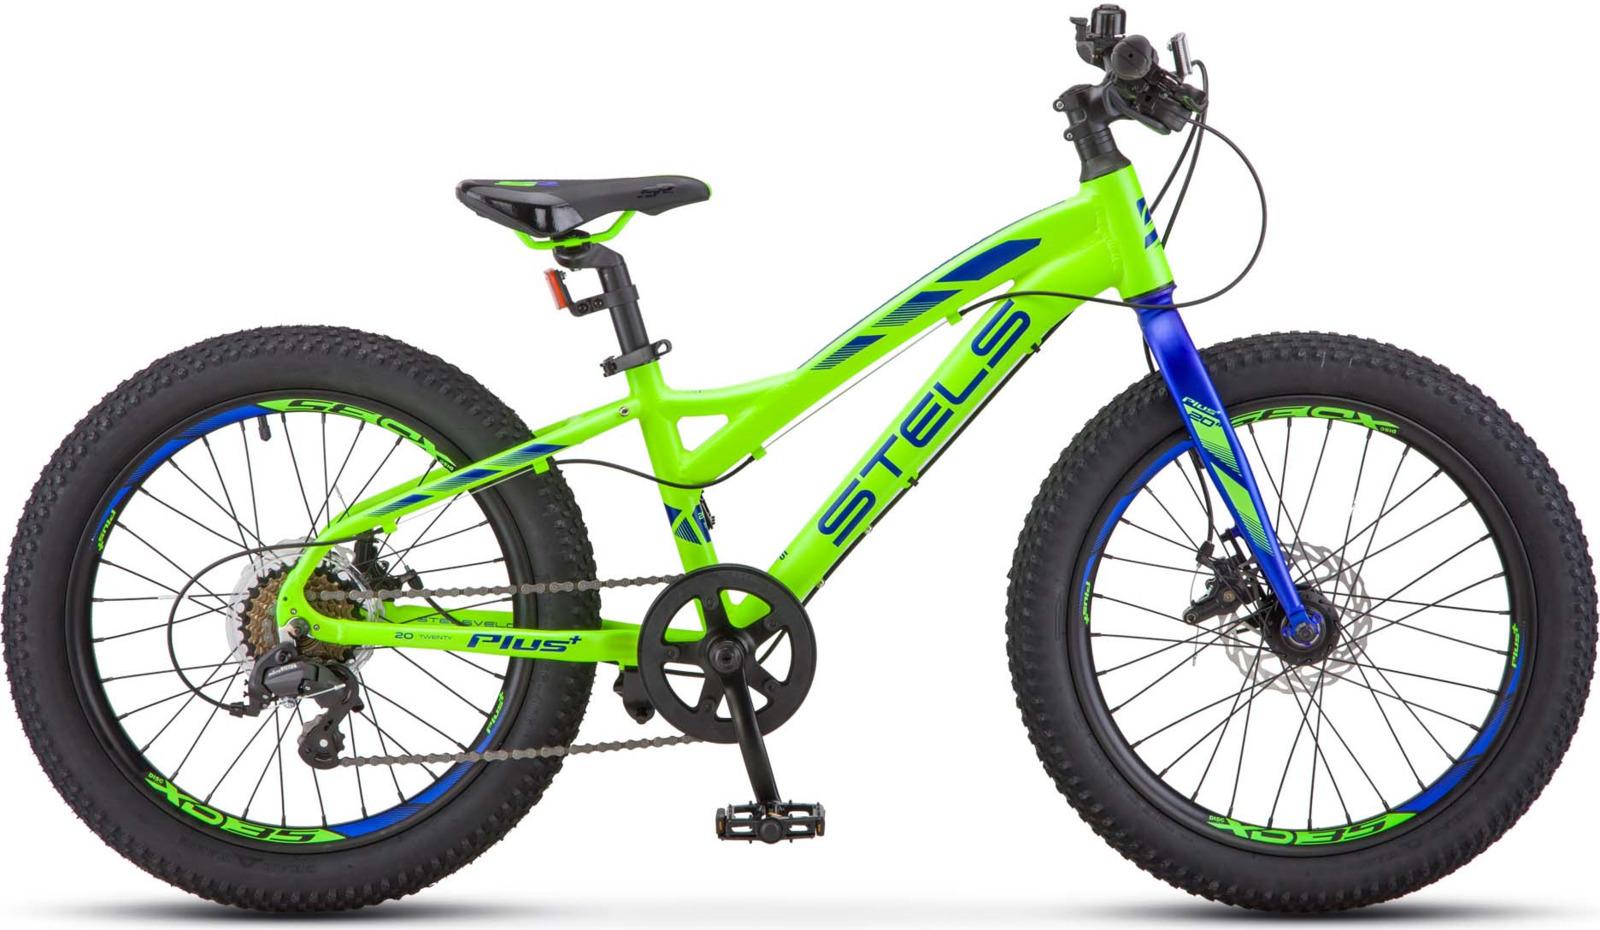 Велосипед Stels Adrenalin MD 11, KUBC0049252018, светло-зеленый